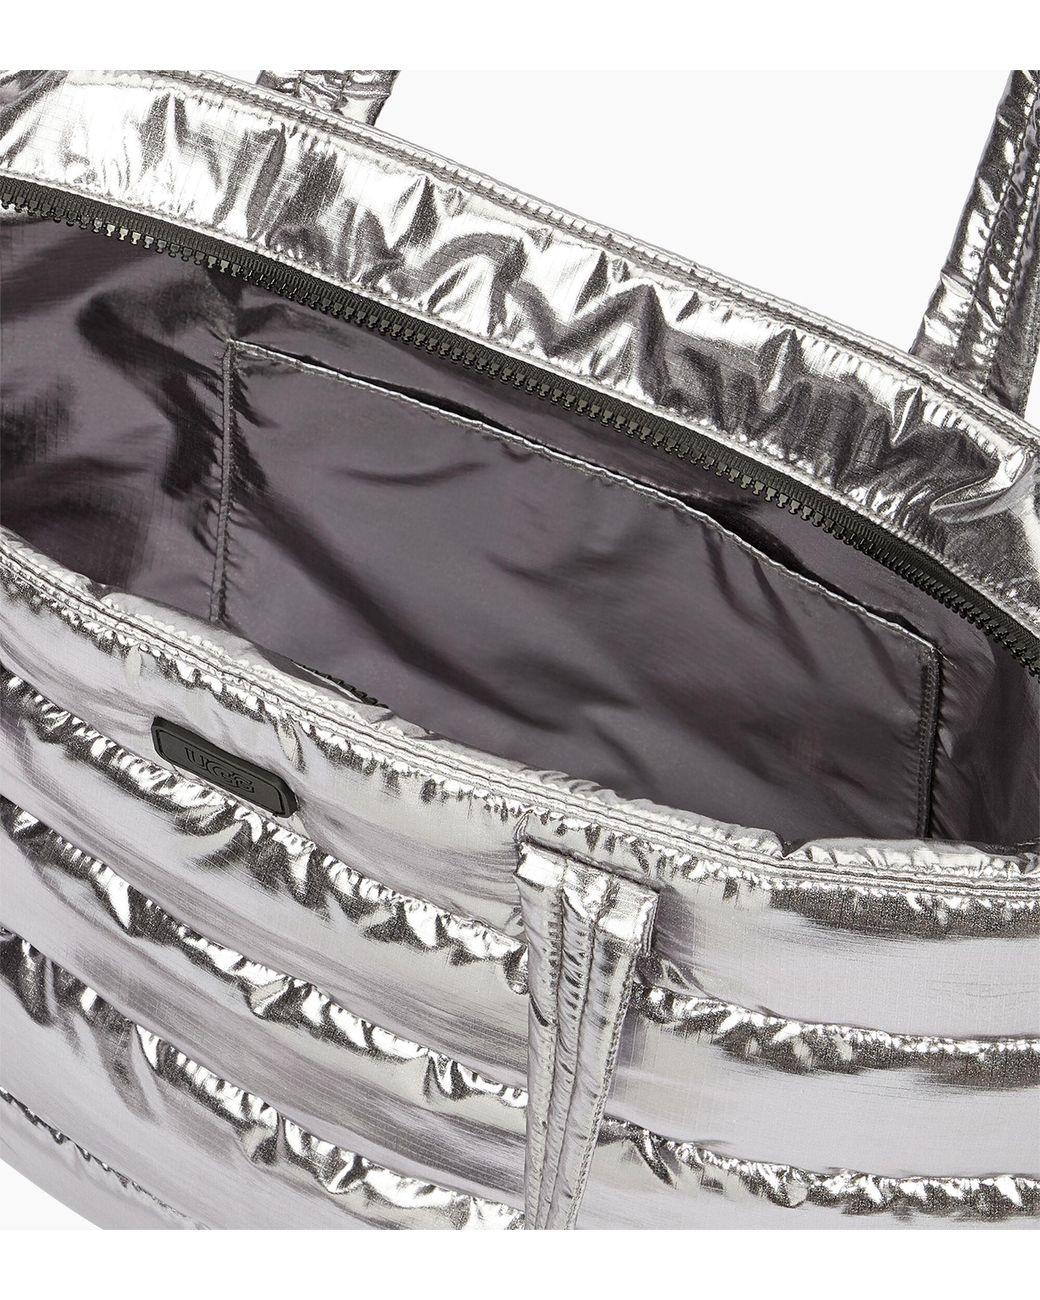 1dbed45d8c6 UGG Krystal Puffer Tote Krystal Puffer Tote in Metallic - Lyst